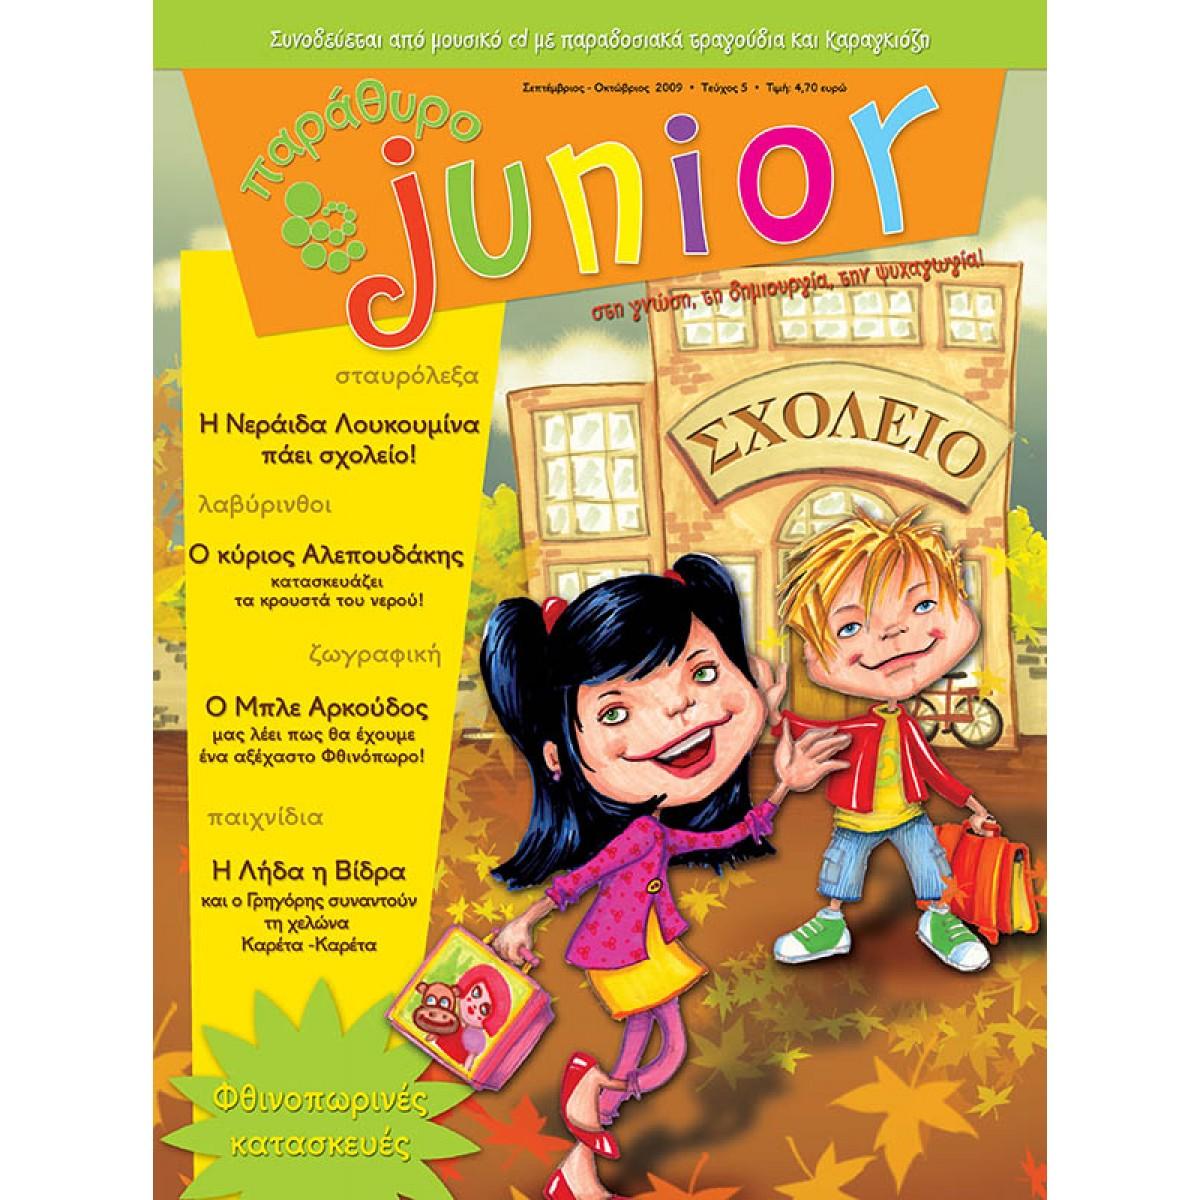 JUNIOR ΤΕΥΧΟΣ 05 Περιοδικό Junior